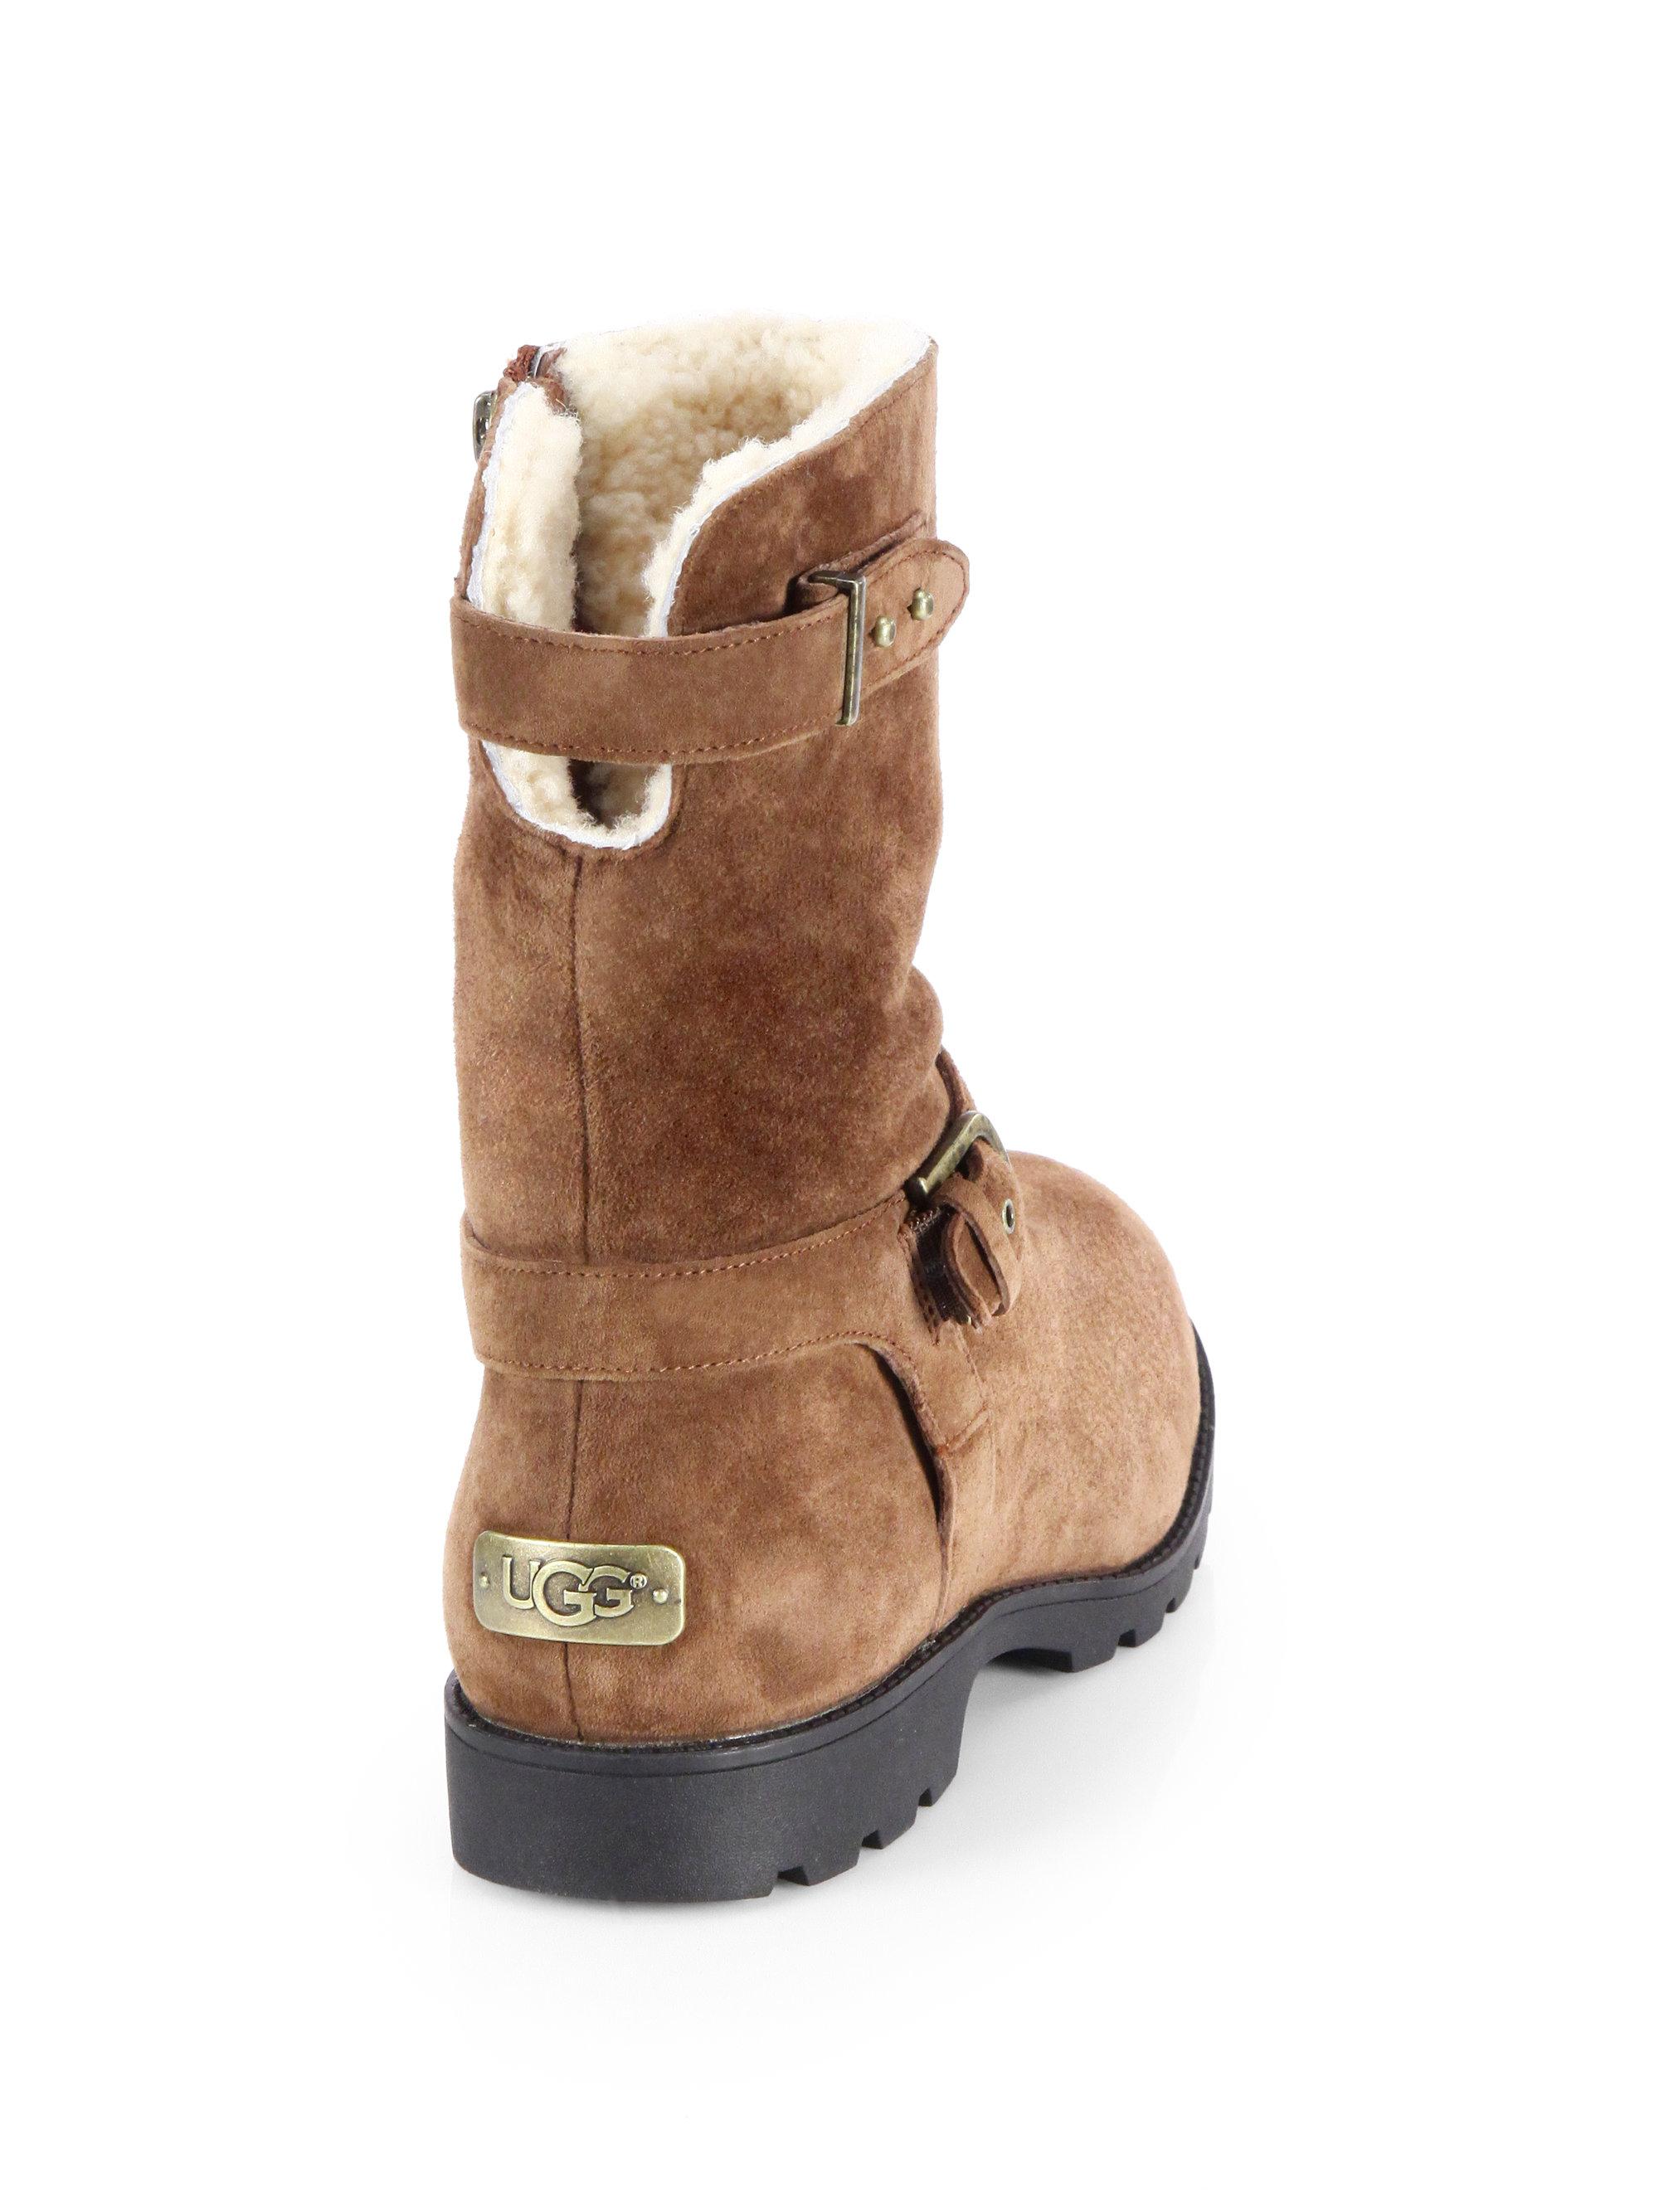 3be567183af UGG Brown Grandle Suede Motorcycle Boots